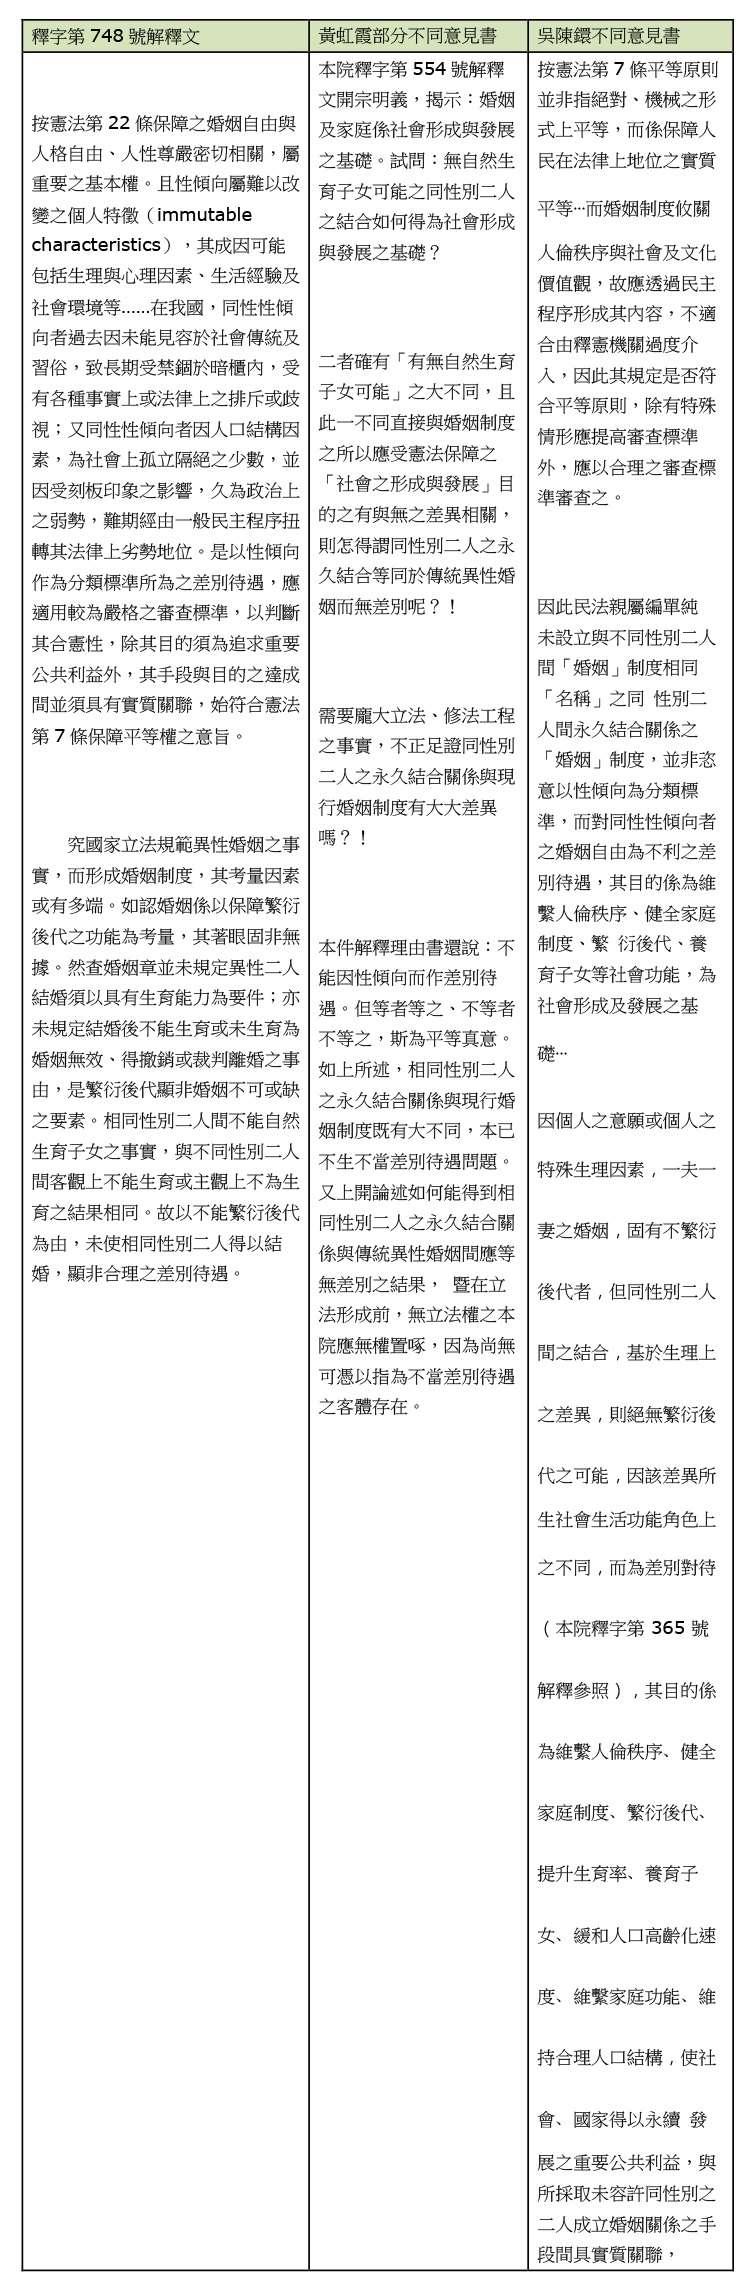 表四:針對「平等保障」的釋憲理由書與不同意見書摘錄。